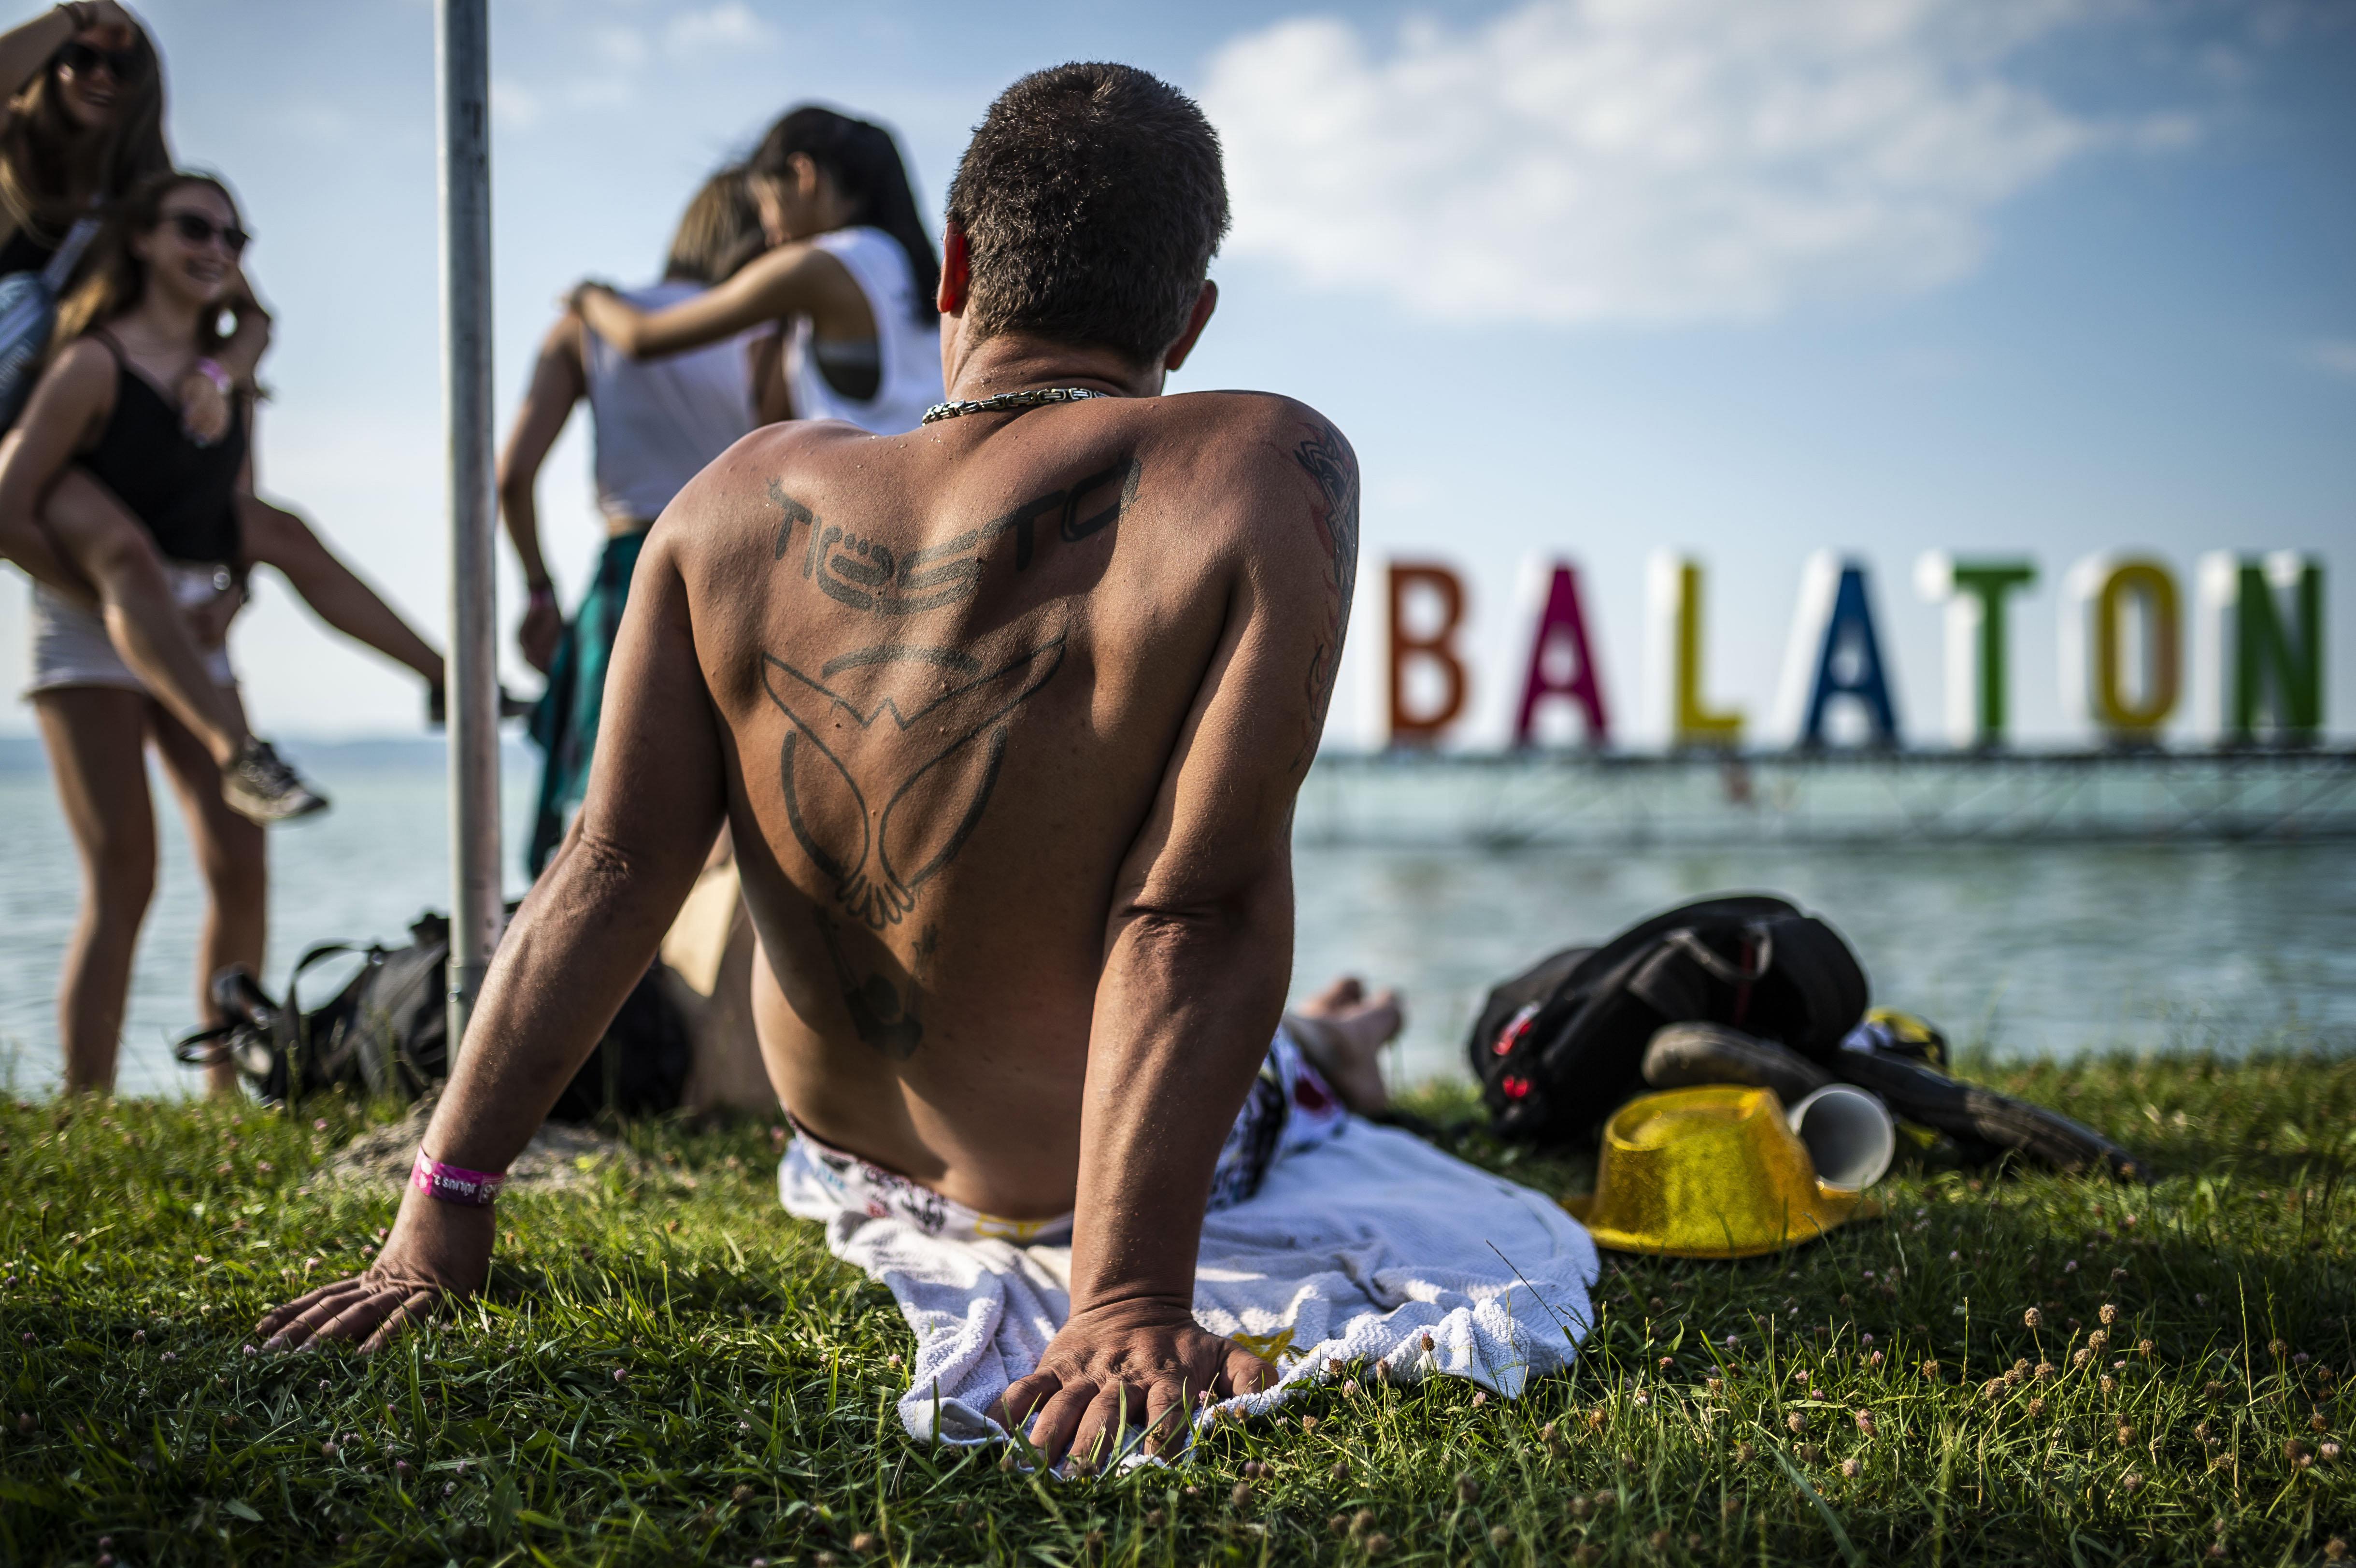 Dj Snake után Sean Paul is lemondta fellépését a Balaton Soundon